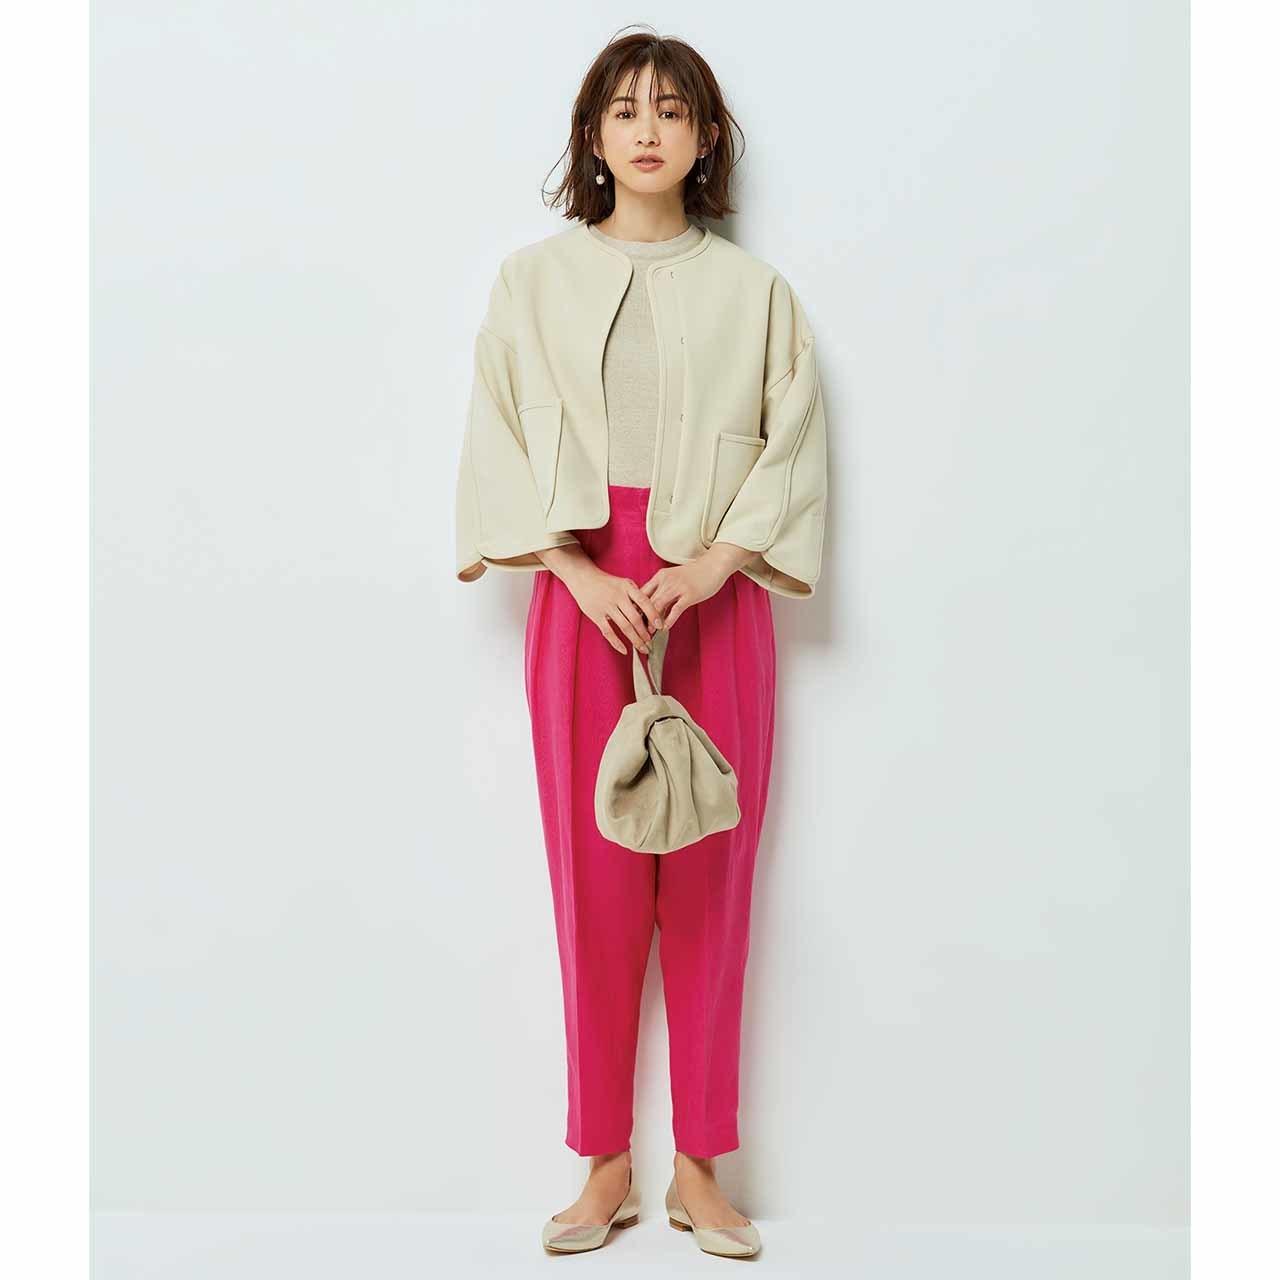 ノーカラージャケット×ピンクのパンツコーデを着たモデルの高垣麗子さん